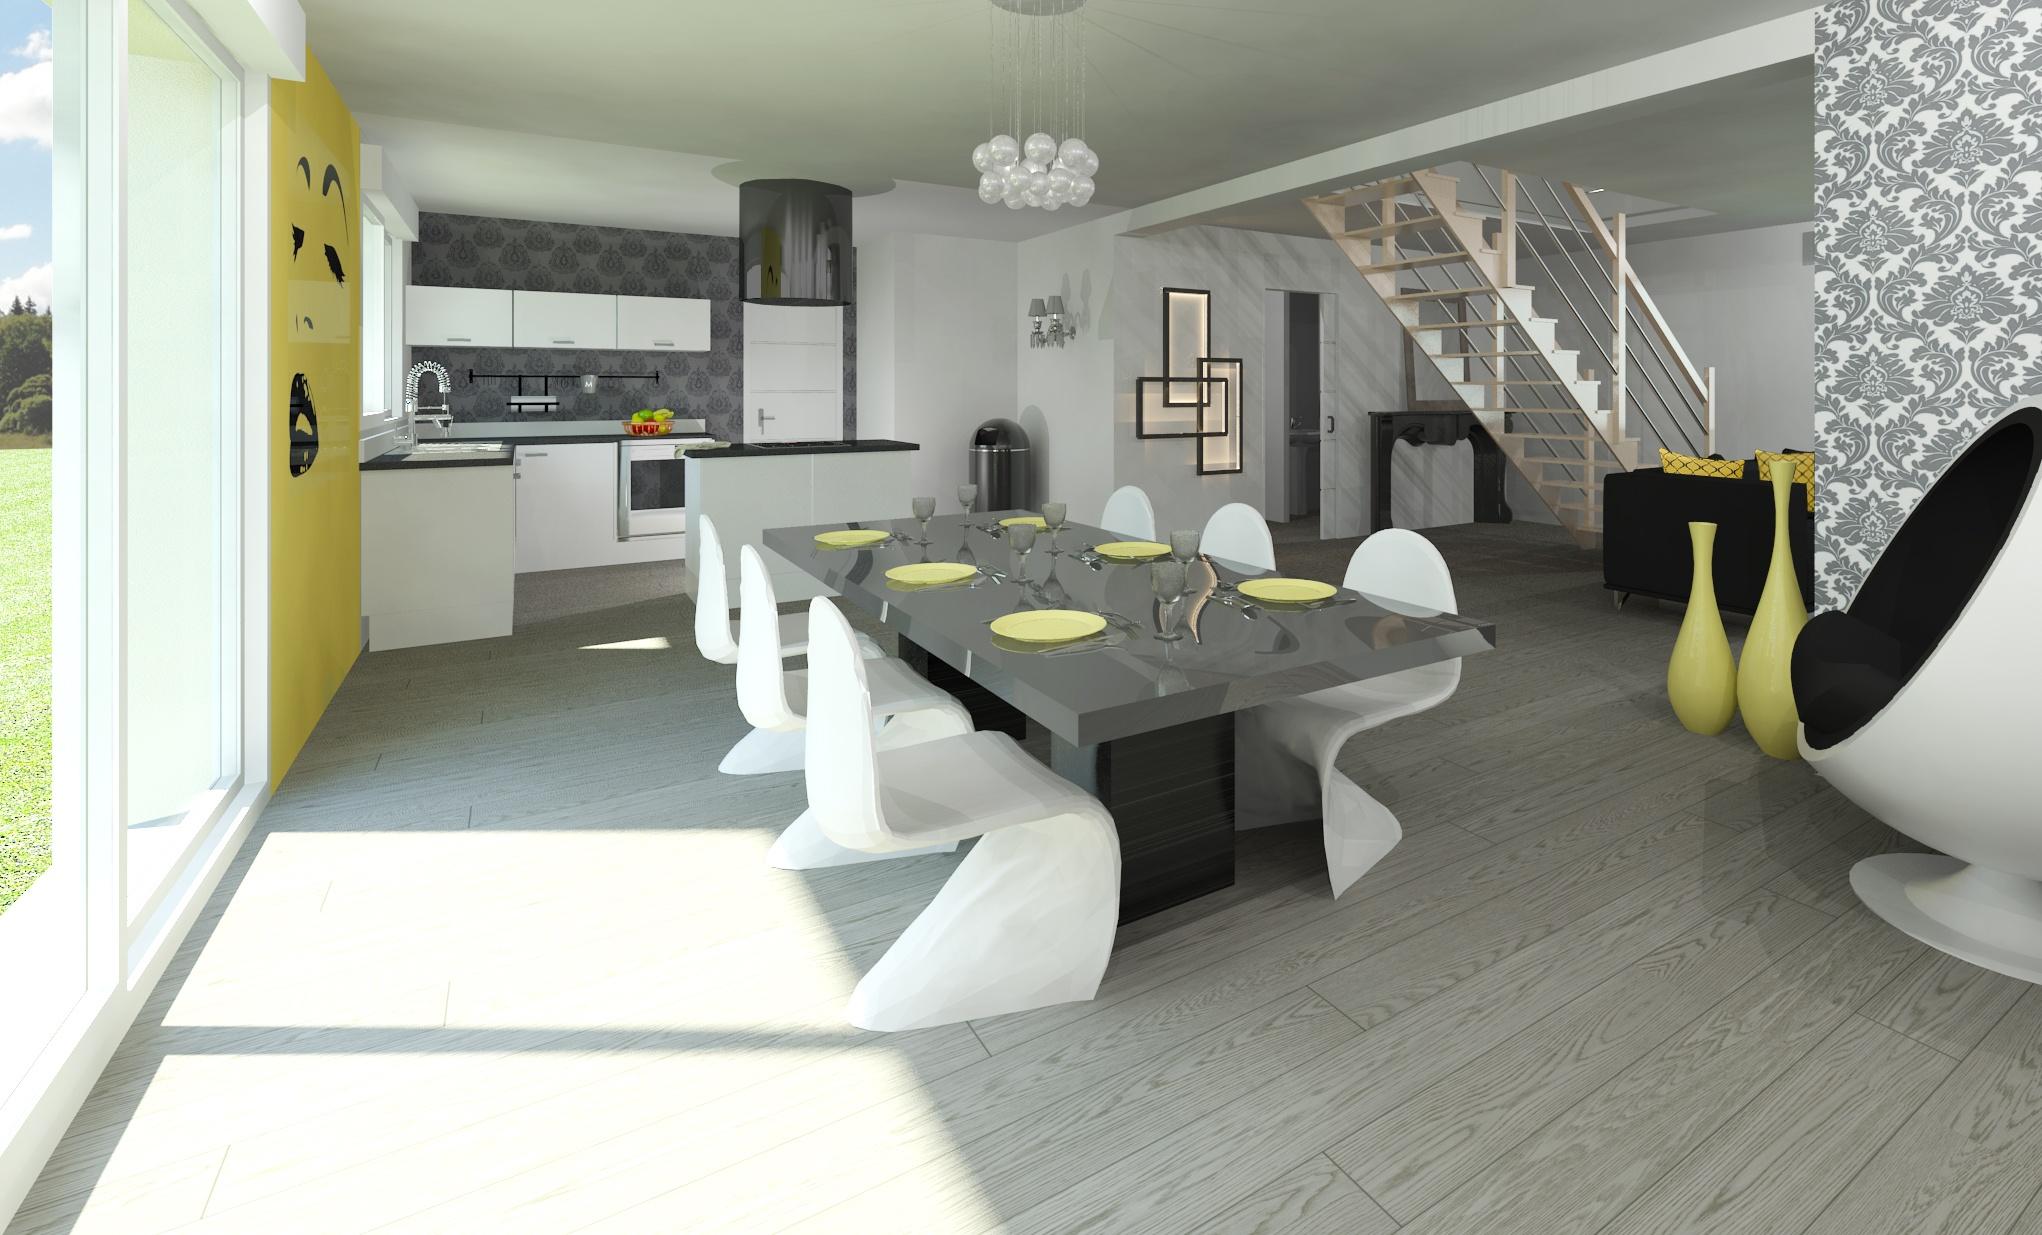 Maisons + Terrains du constructeur MAISON FAMILIALE • 121 m² • CHAINGY